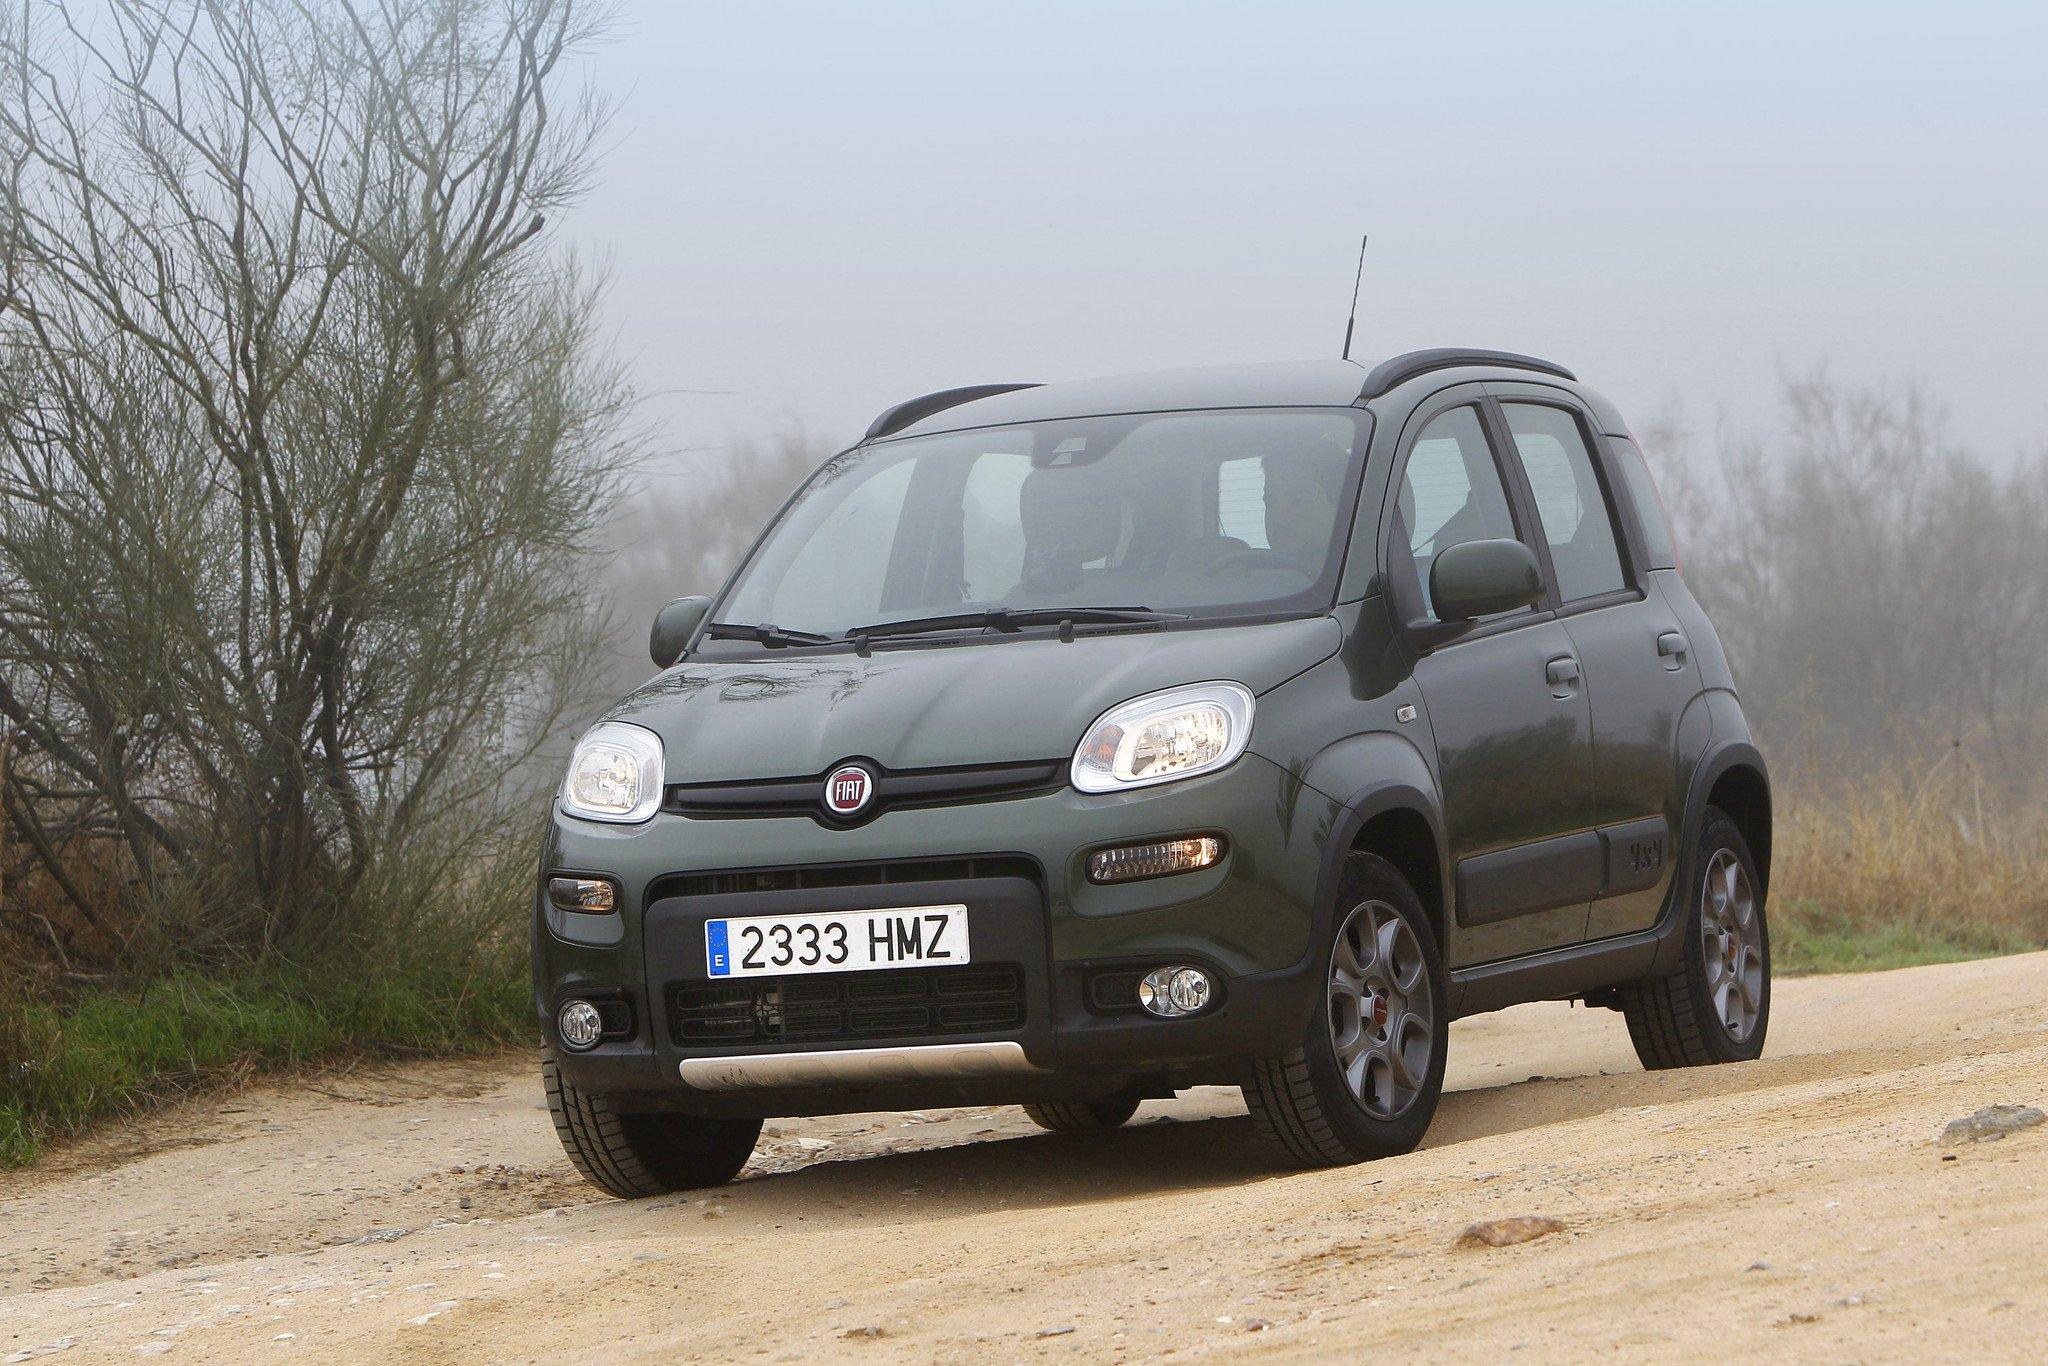 Prueba Fiat Panda 4x4 El Tt Mas Pequeno Del Mercado